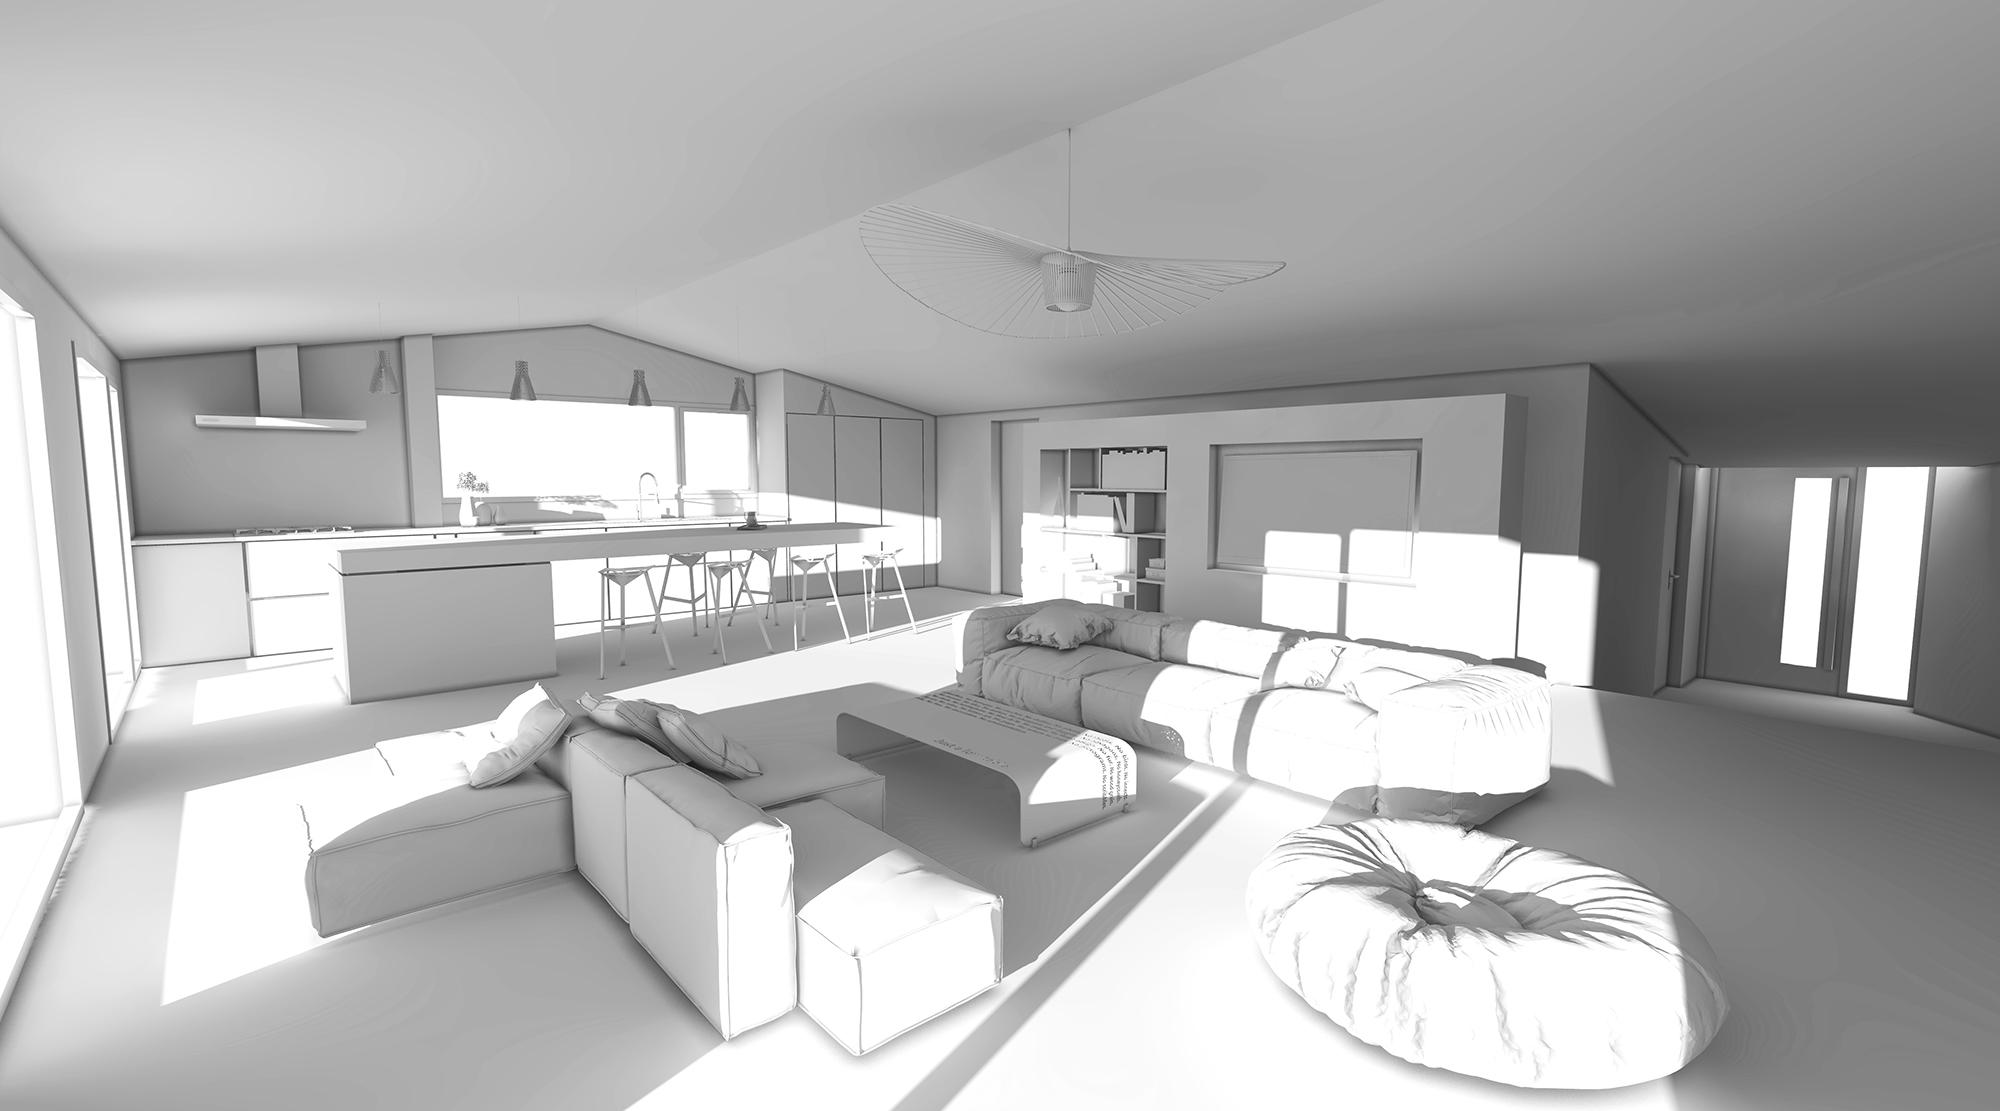 Chouette-architecture-Talant-Réhabilitation-maison-2000-1